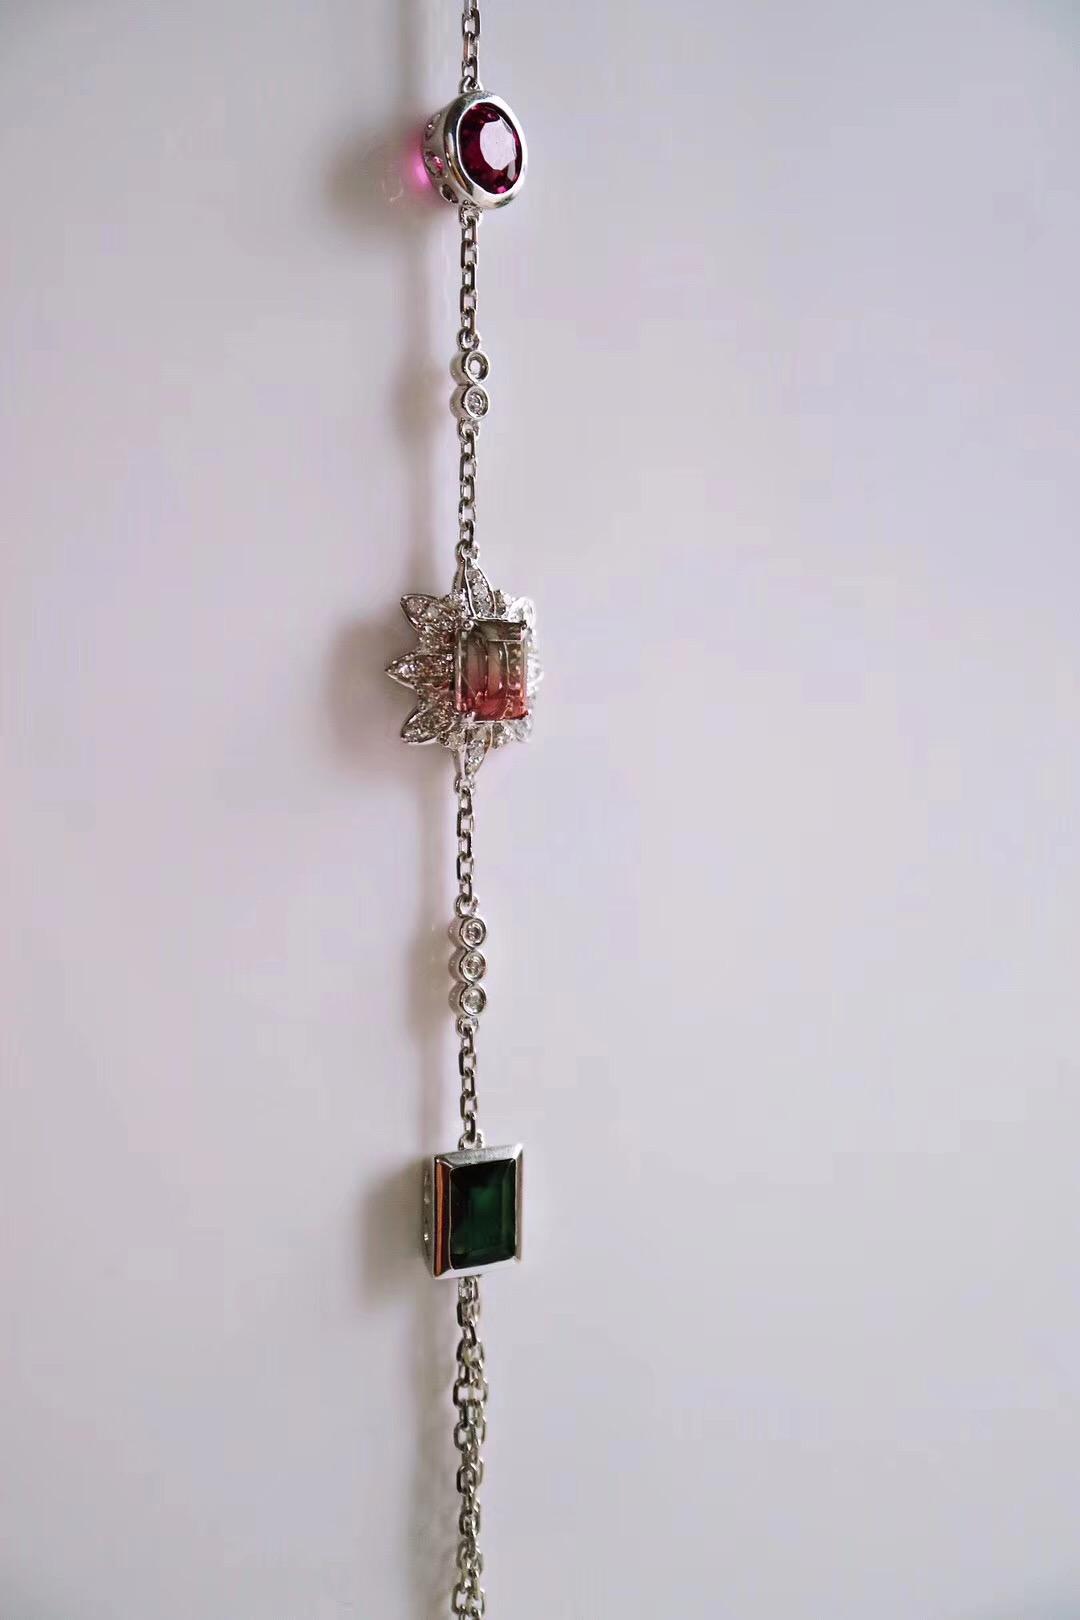 【菩心-碧玺手链】如此仙的手链,仙女小姐姐必备-菩心晶舍